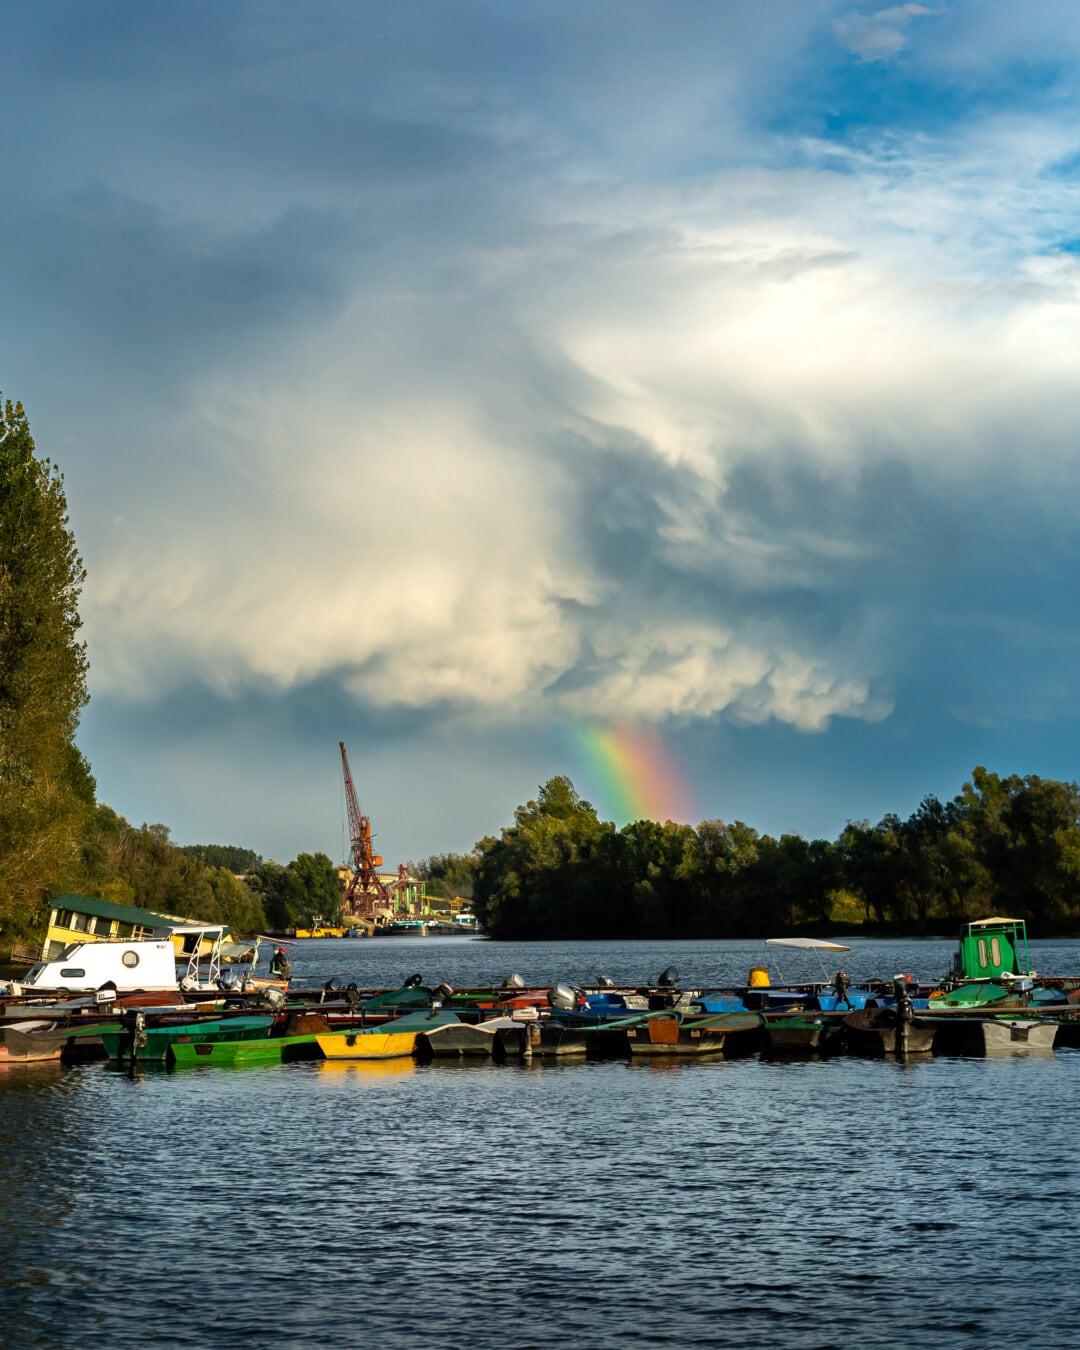 Boote, Motorboot, Werft, Schiff, Hafen, Wolken, Atmosphäre, Regenbogen, blauer Himmel, Wasser